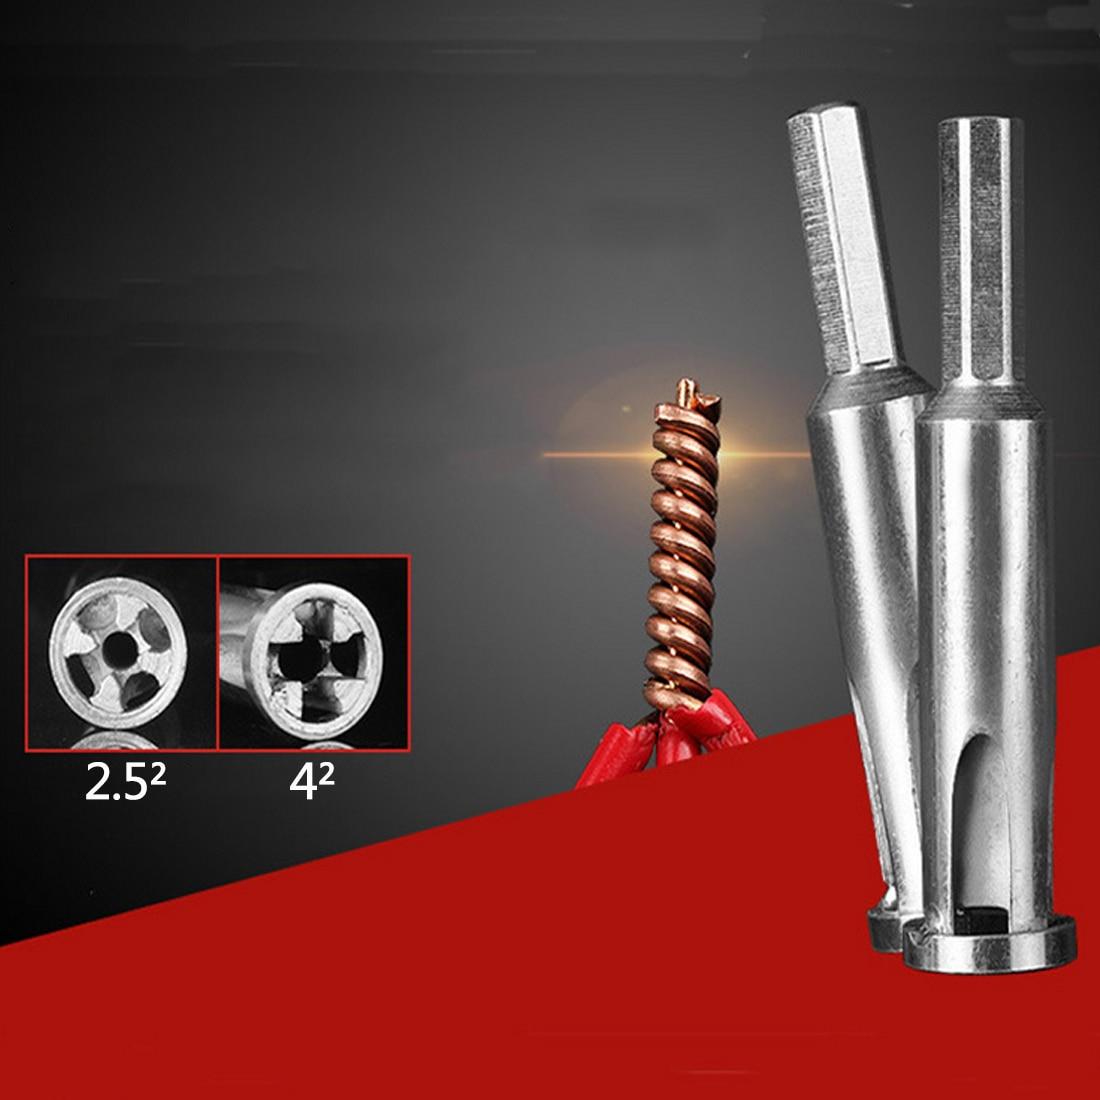 UnermüDlich Twist Stecker Elektrische Linie Gerät Kabel Draht Stripper Abisolierzange Automatische Automatische Strippen Verdoppelung Maschine Fest In Der Struktur Handwerkzeuge Zangen